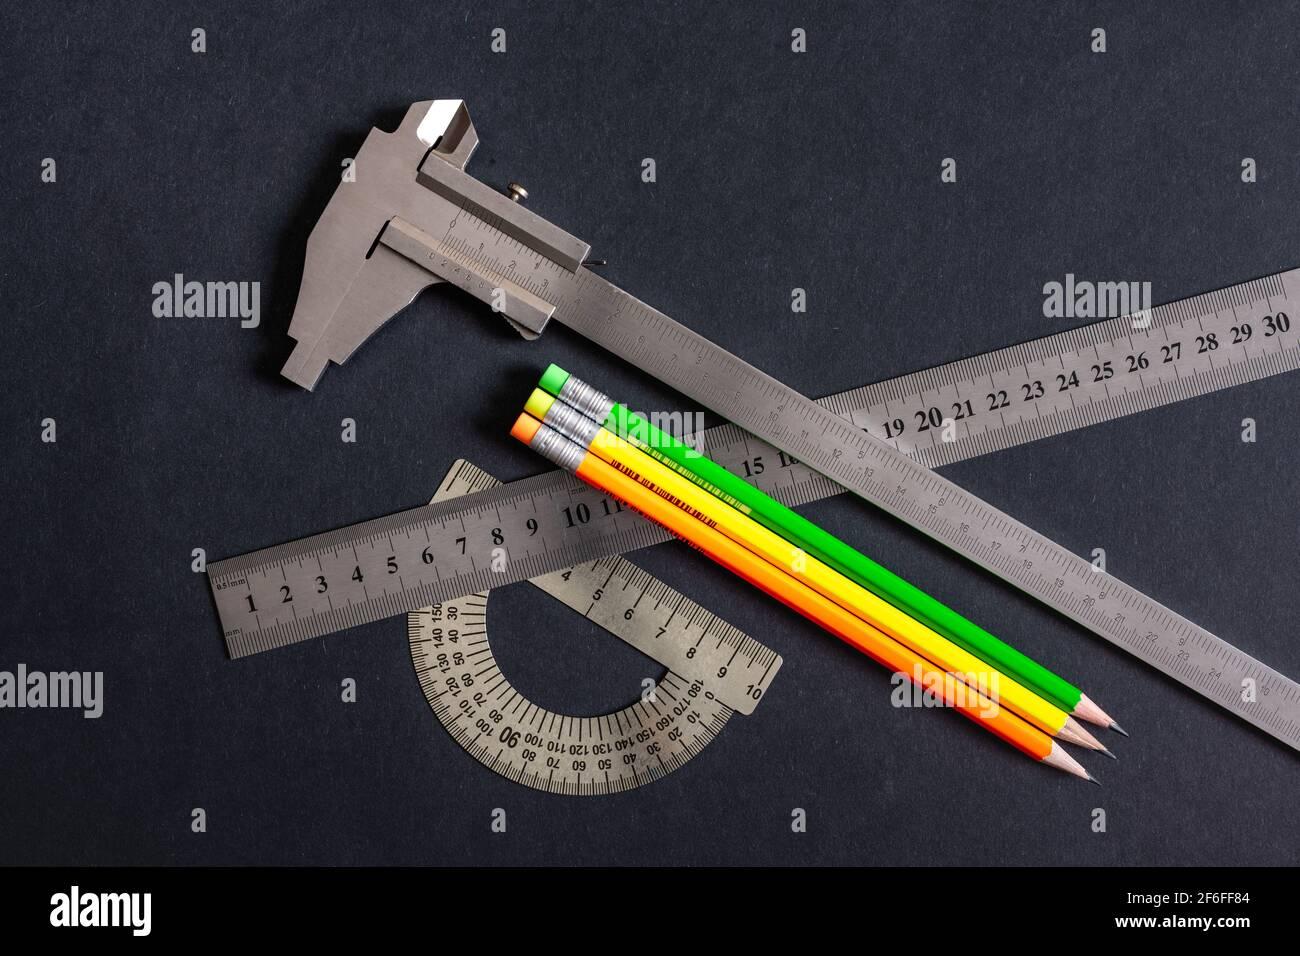 Goniómetro y regla y nonio calibre tres tipos sobre patrones de fondo gris-negro oscuro. Sketching lápices verde amarillo naranja. No color, monochr Foto de stock